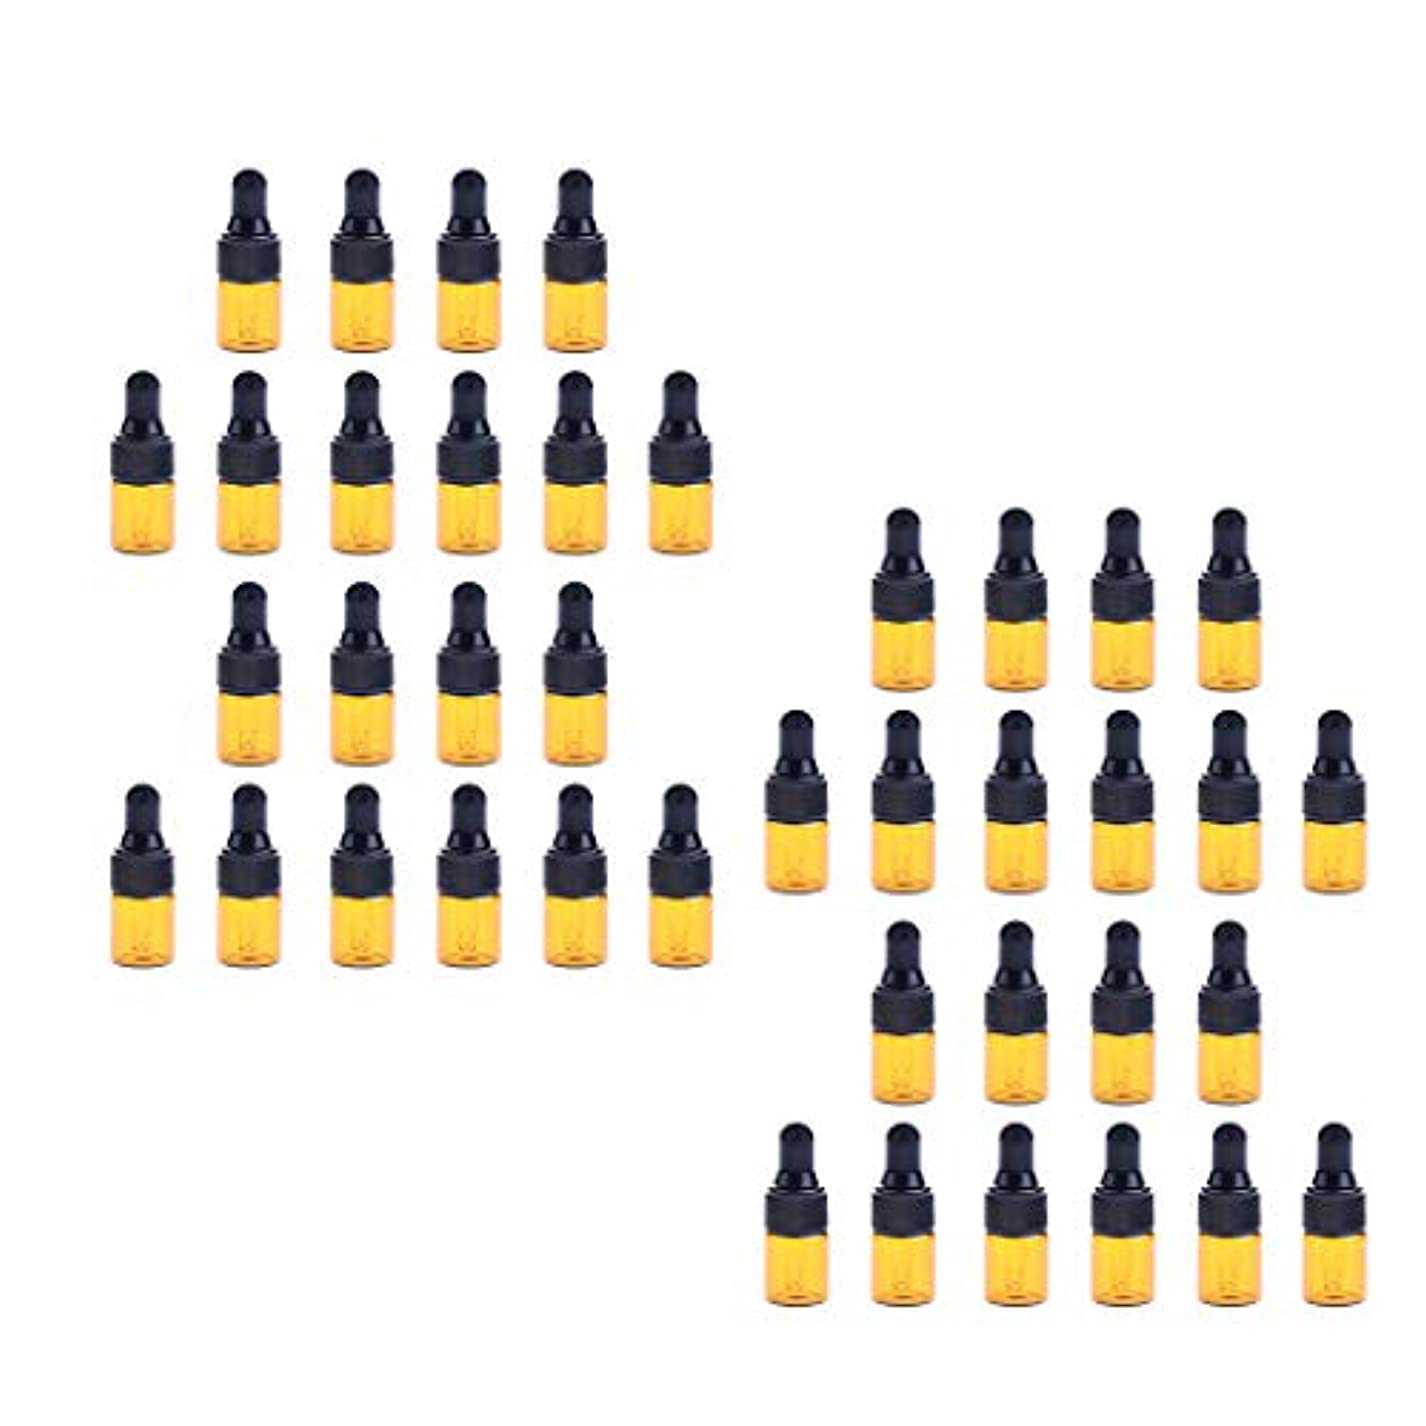 破滅オークションセマフォchiwanji 40個入 ドロッパーボトル ガラス瓶 エッセンシャルオイル 精油 保存容器 詰め替え 小型 1ml /2ml